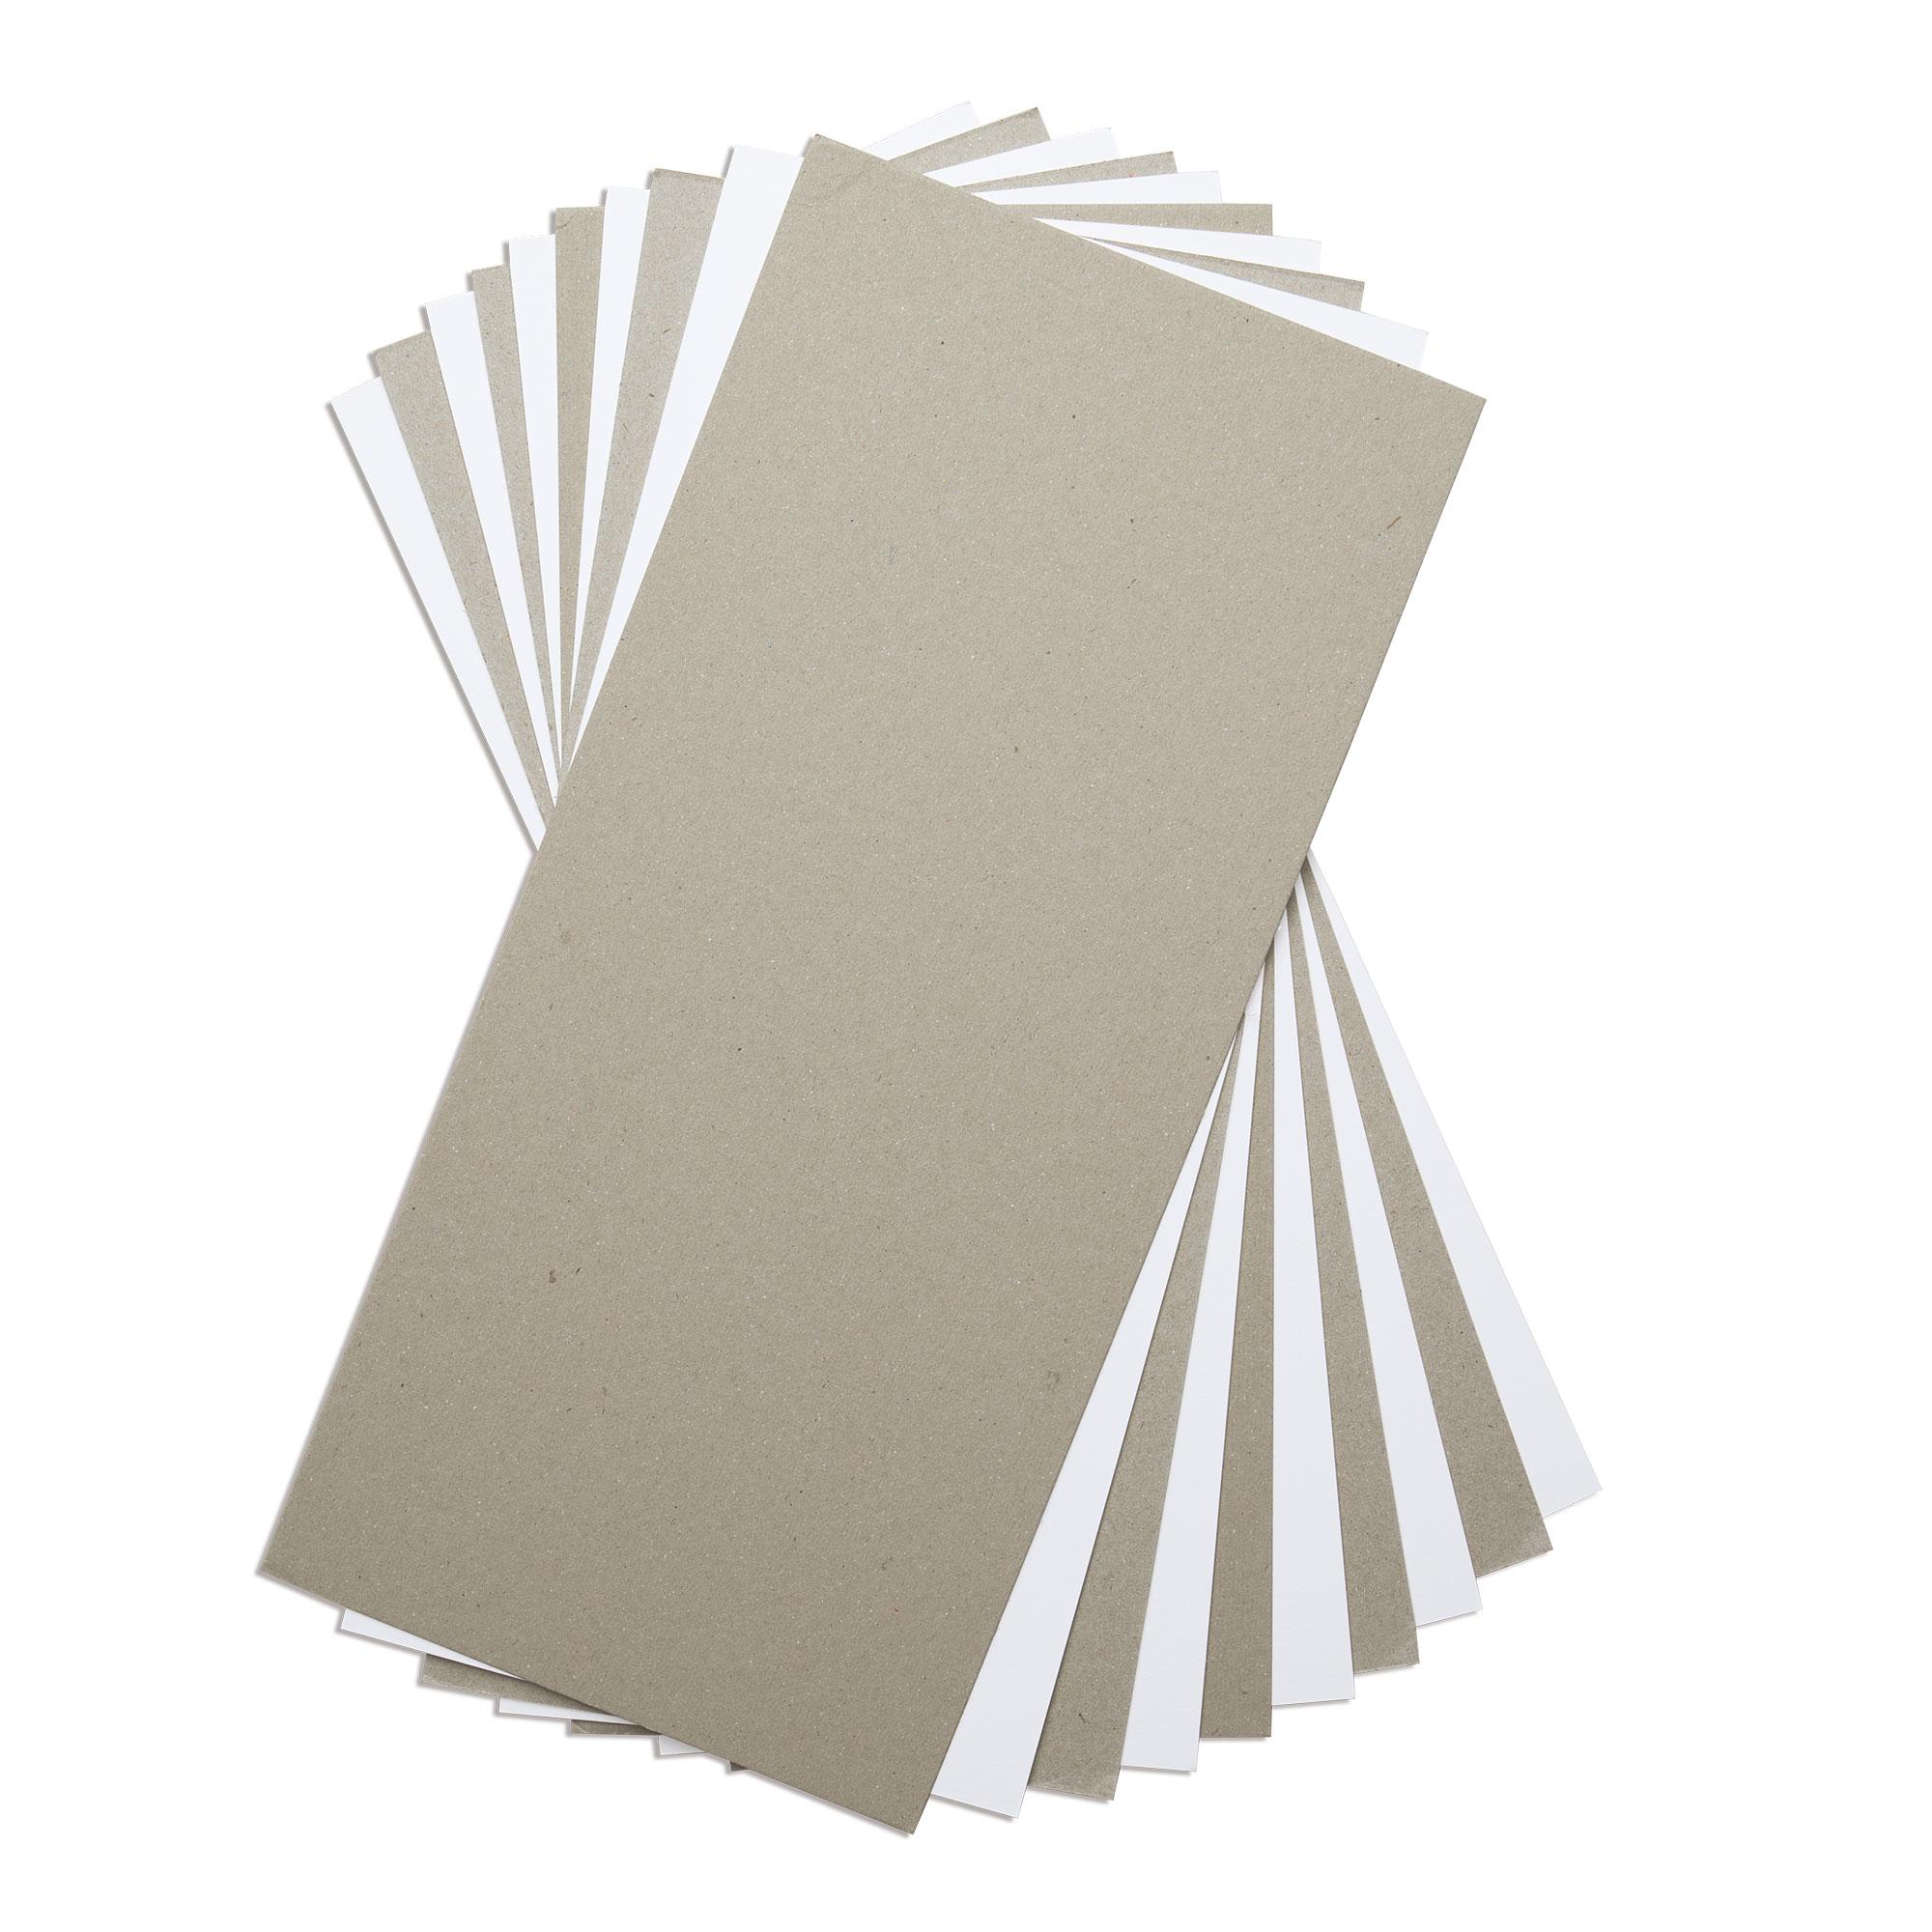 6X13 Mixed Media Board, White & Gray (10pk)